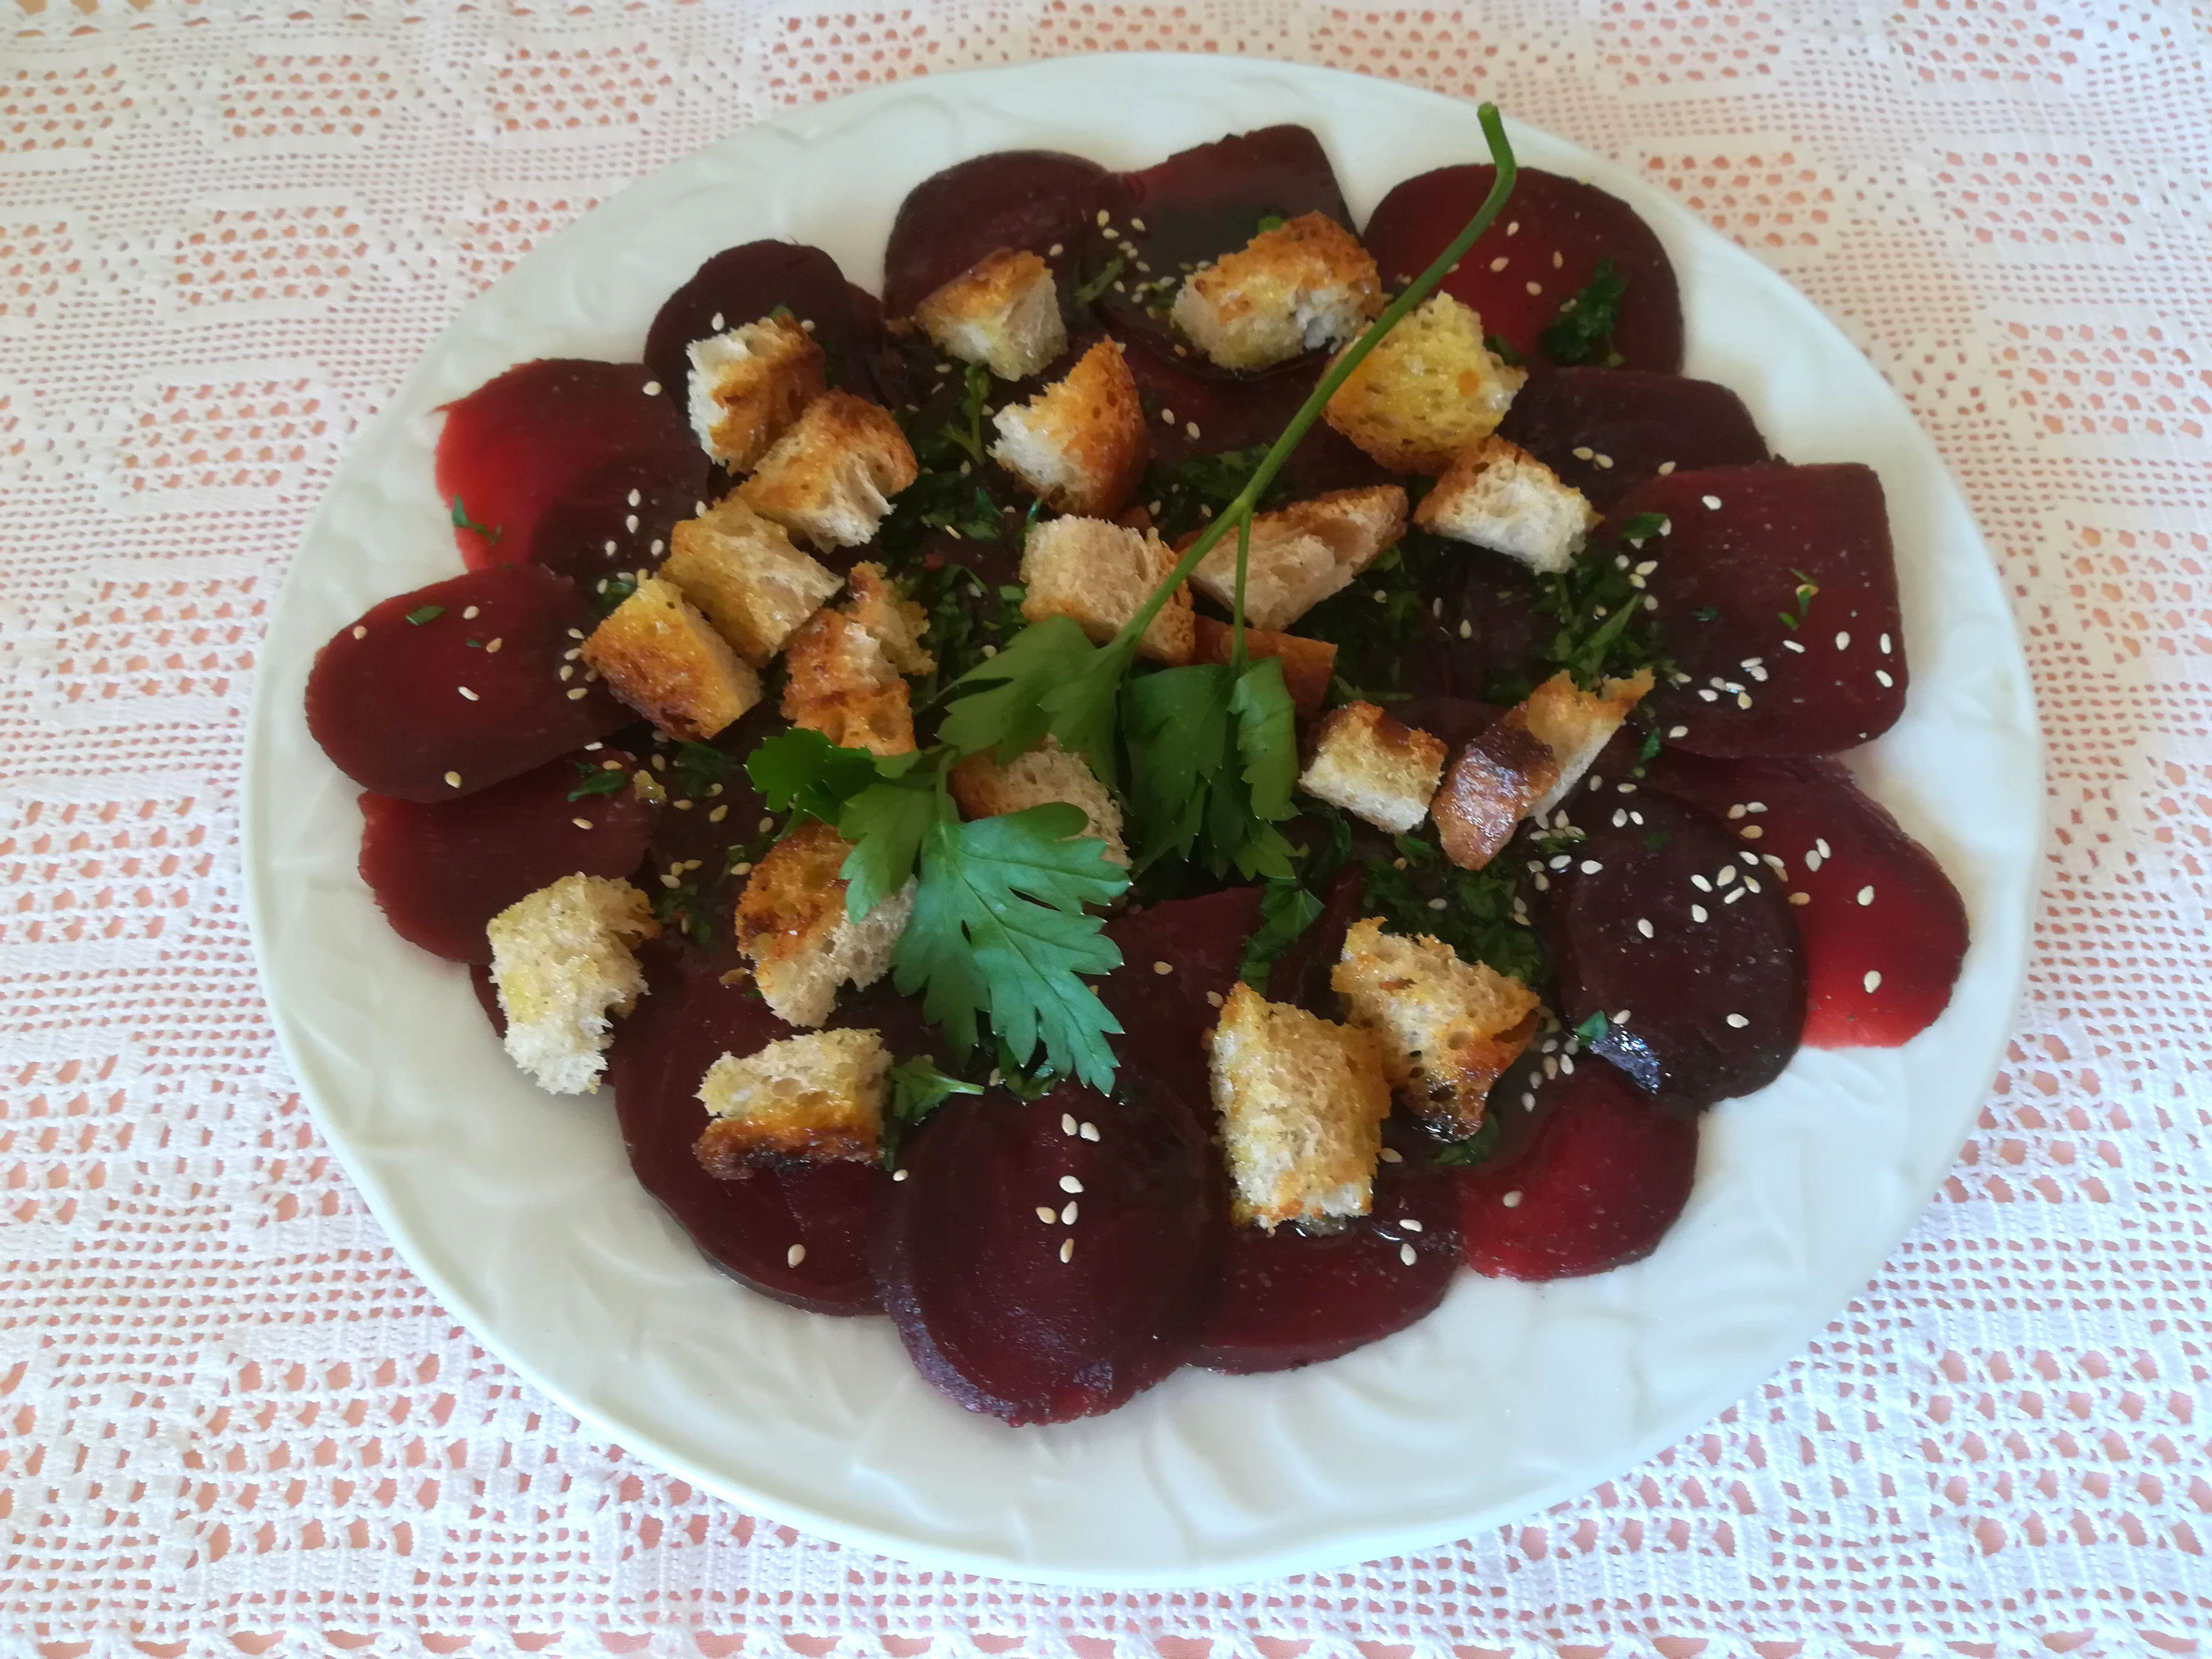 Carpaccio di barbabietola con crostini ed erbette aromatiche